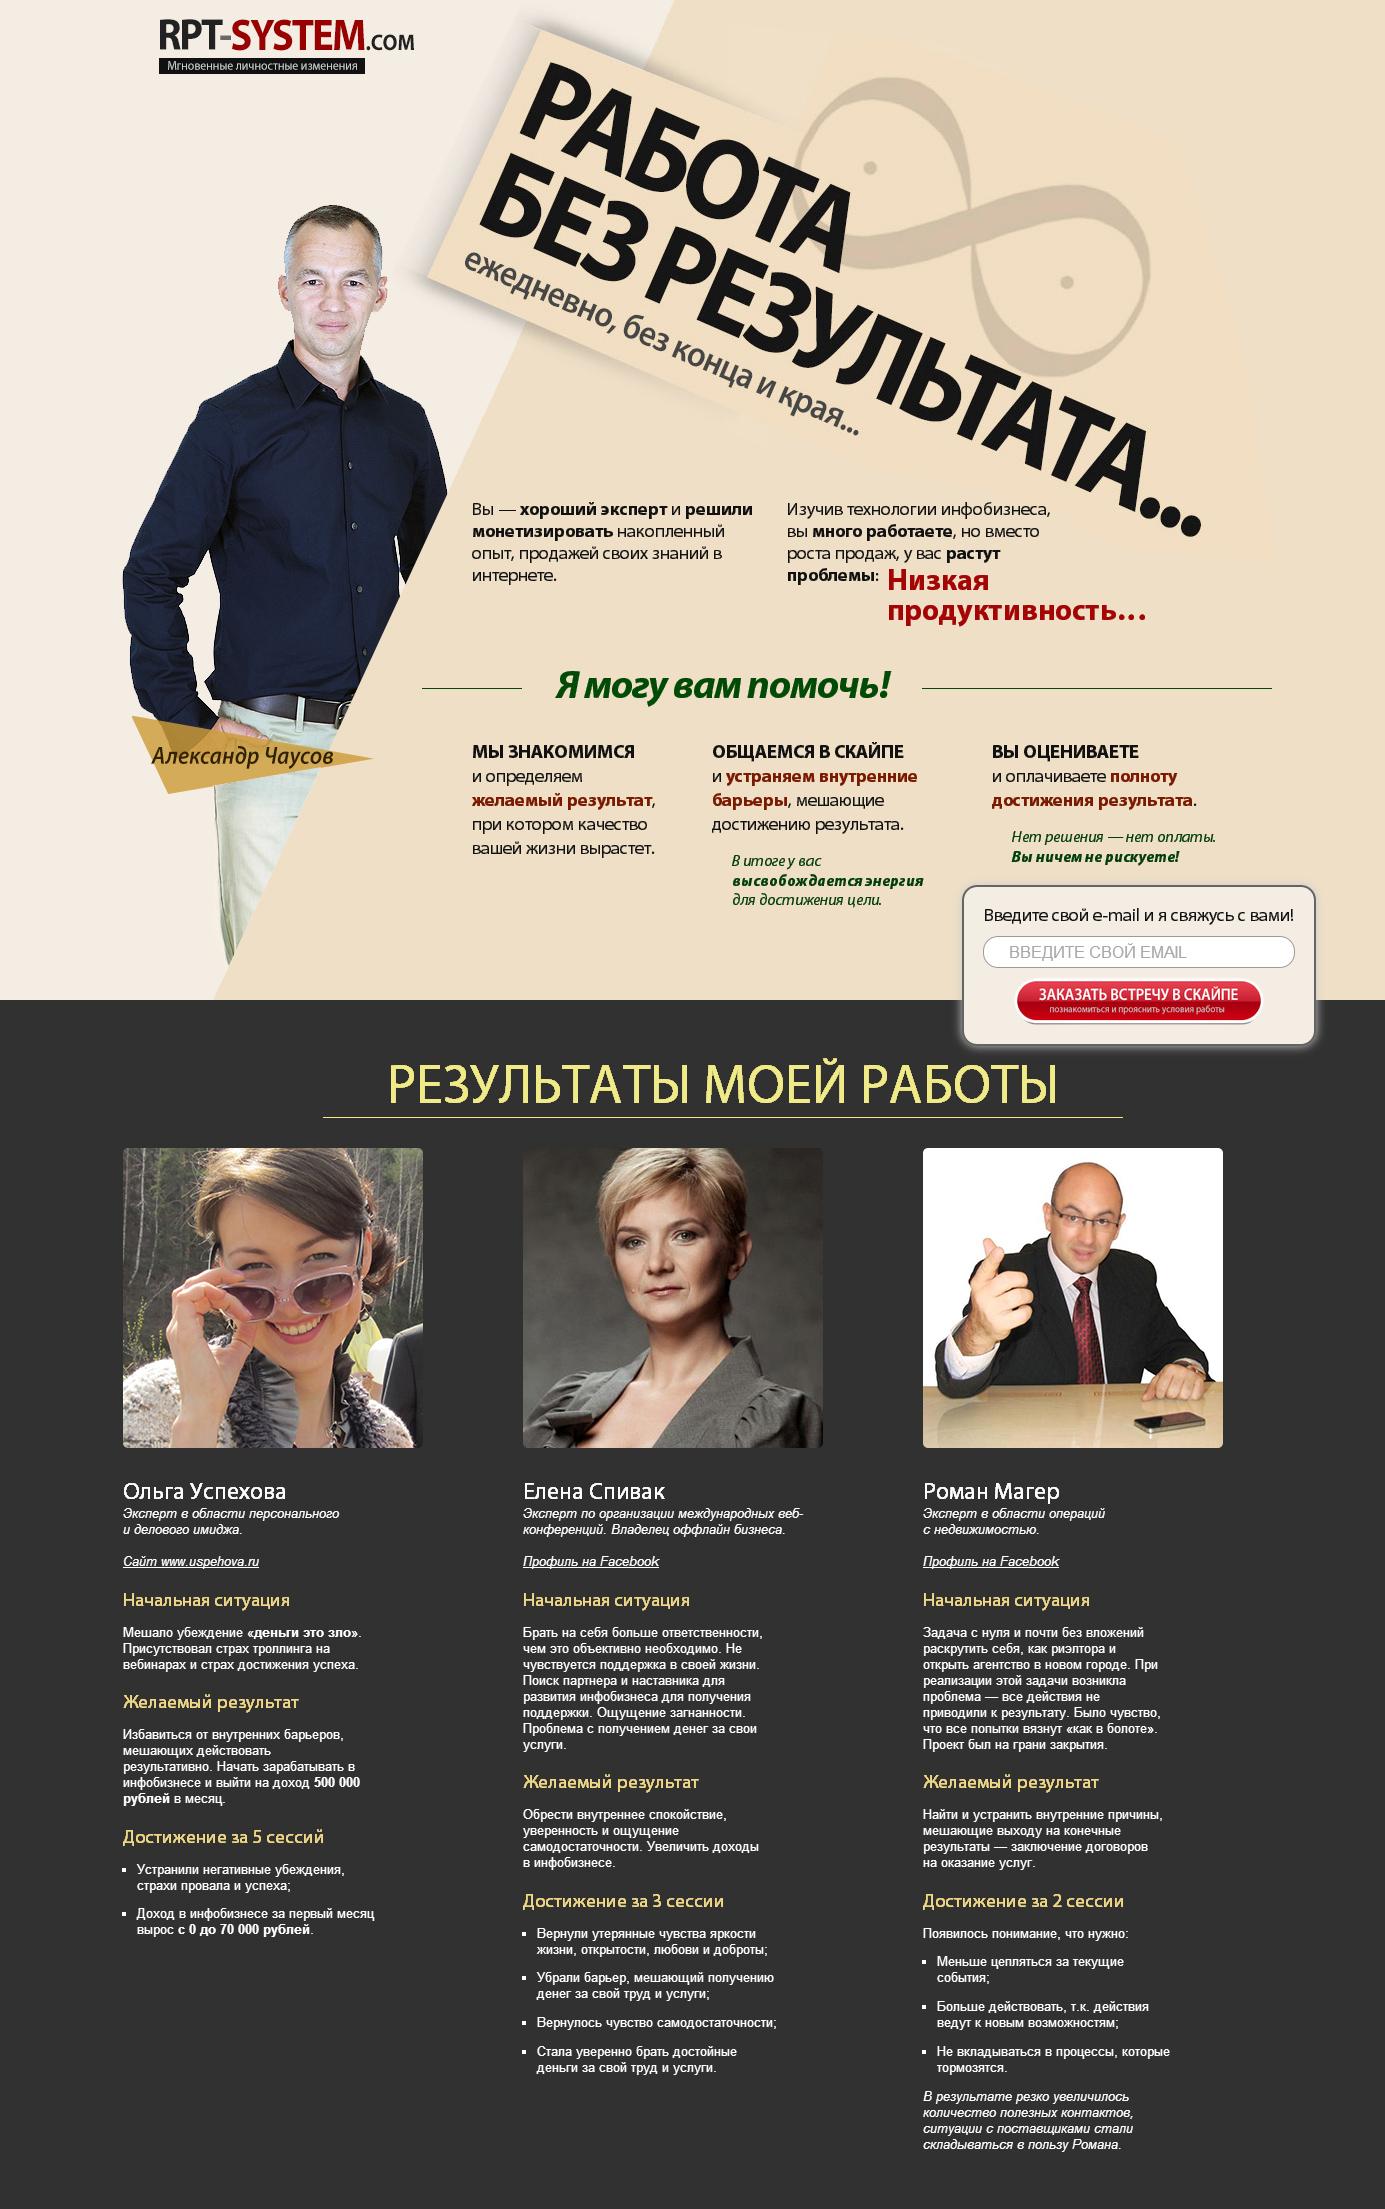 Сайт заказа персональных консультаций у Александра Чаусова